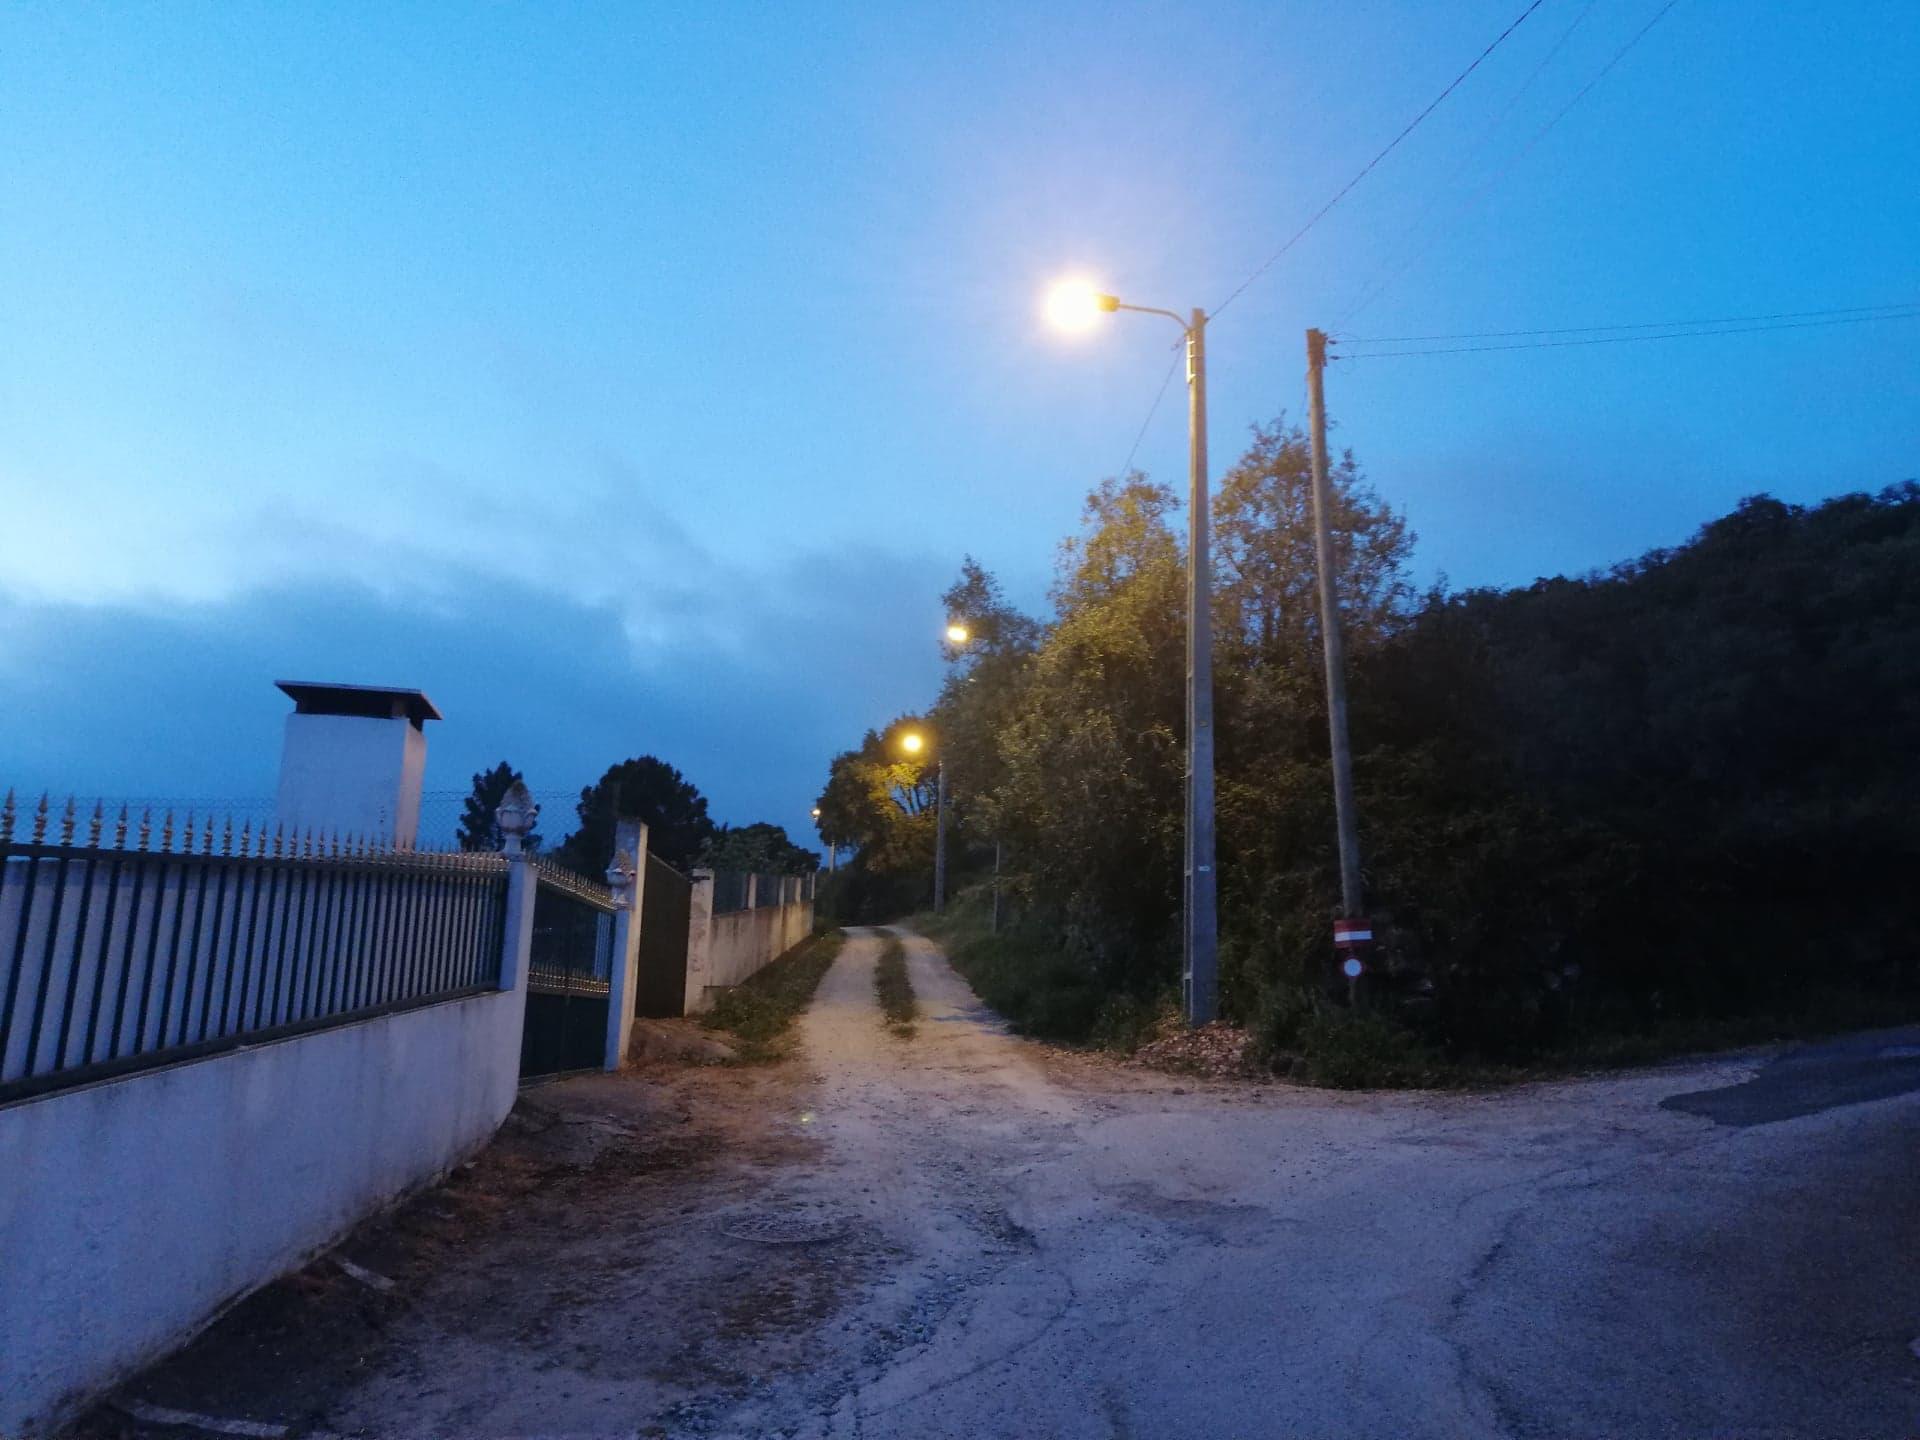 CASAINHOS -(c) Iluminação pública da Rua da Padaria e Rua da Serra. Uma obra importante para a segurança da população!